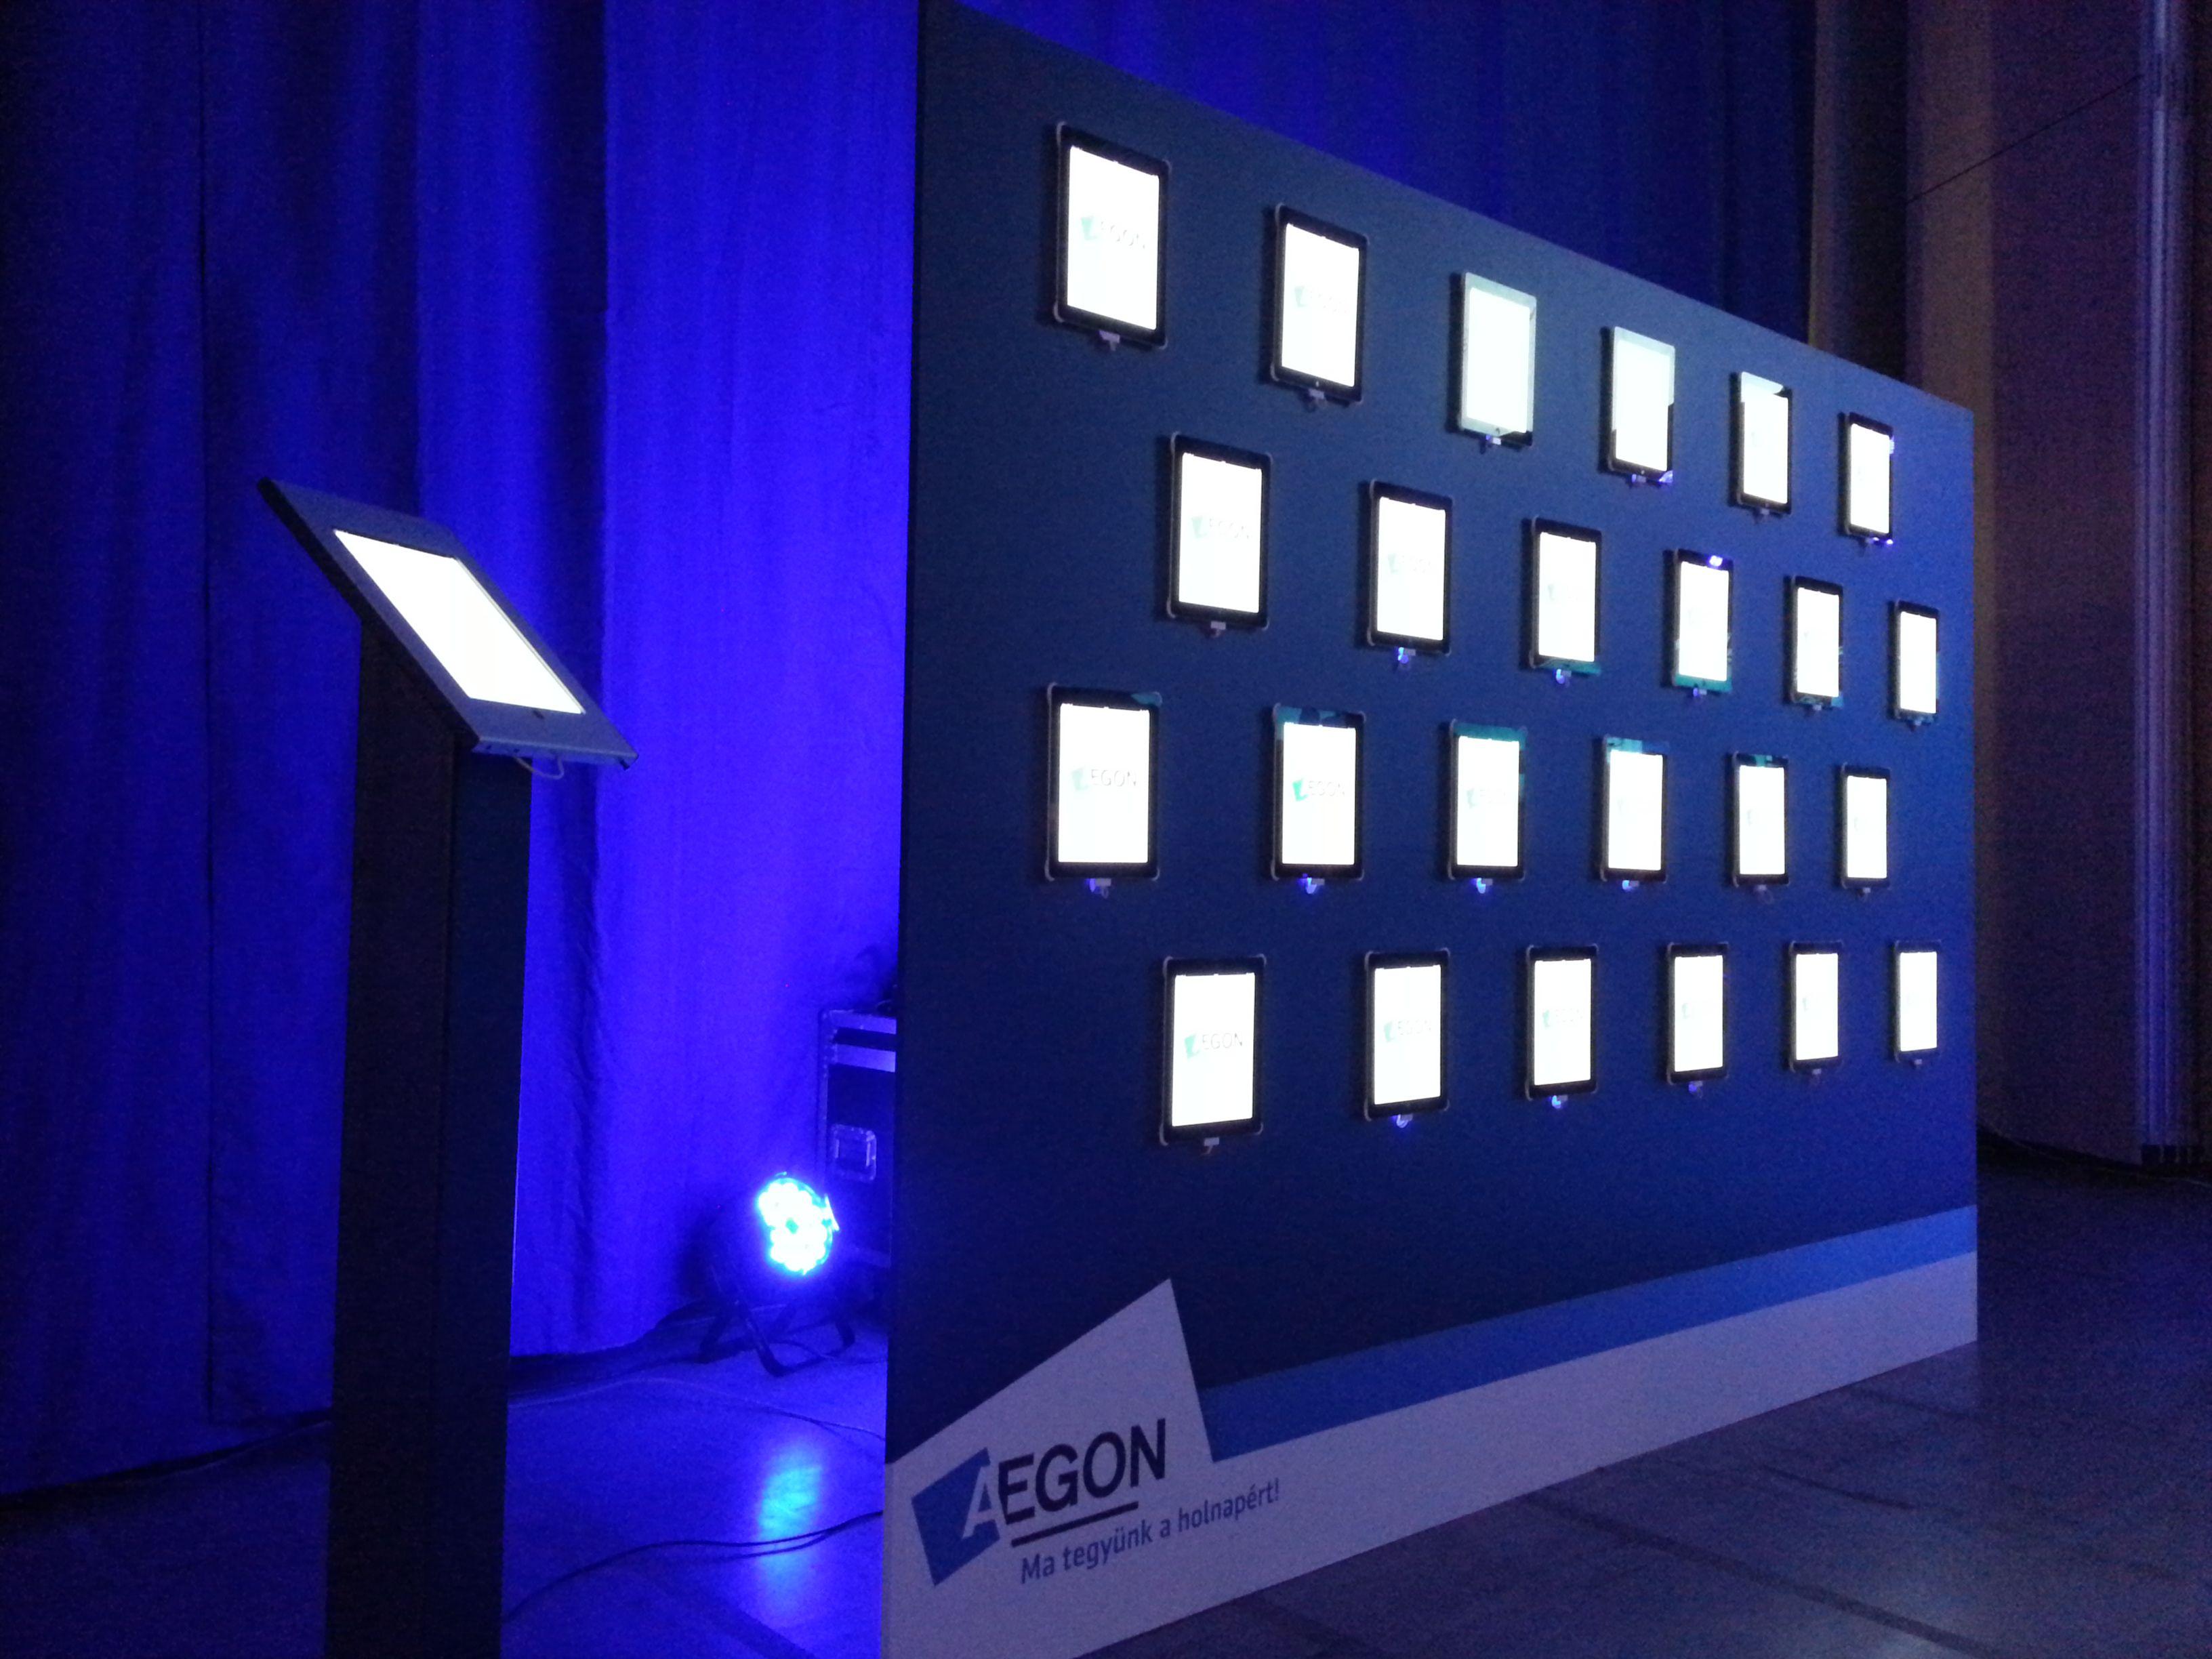 iPad wall